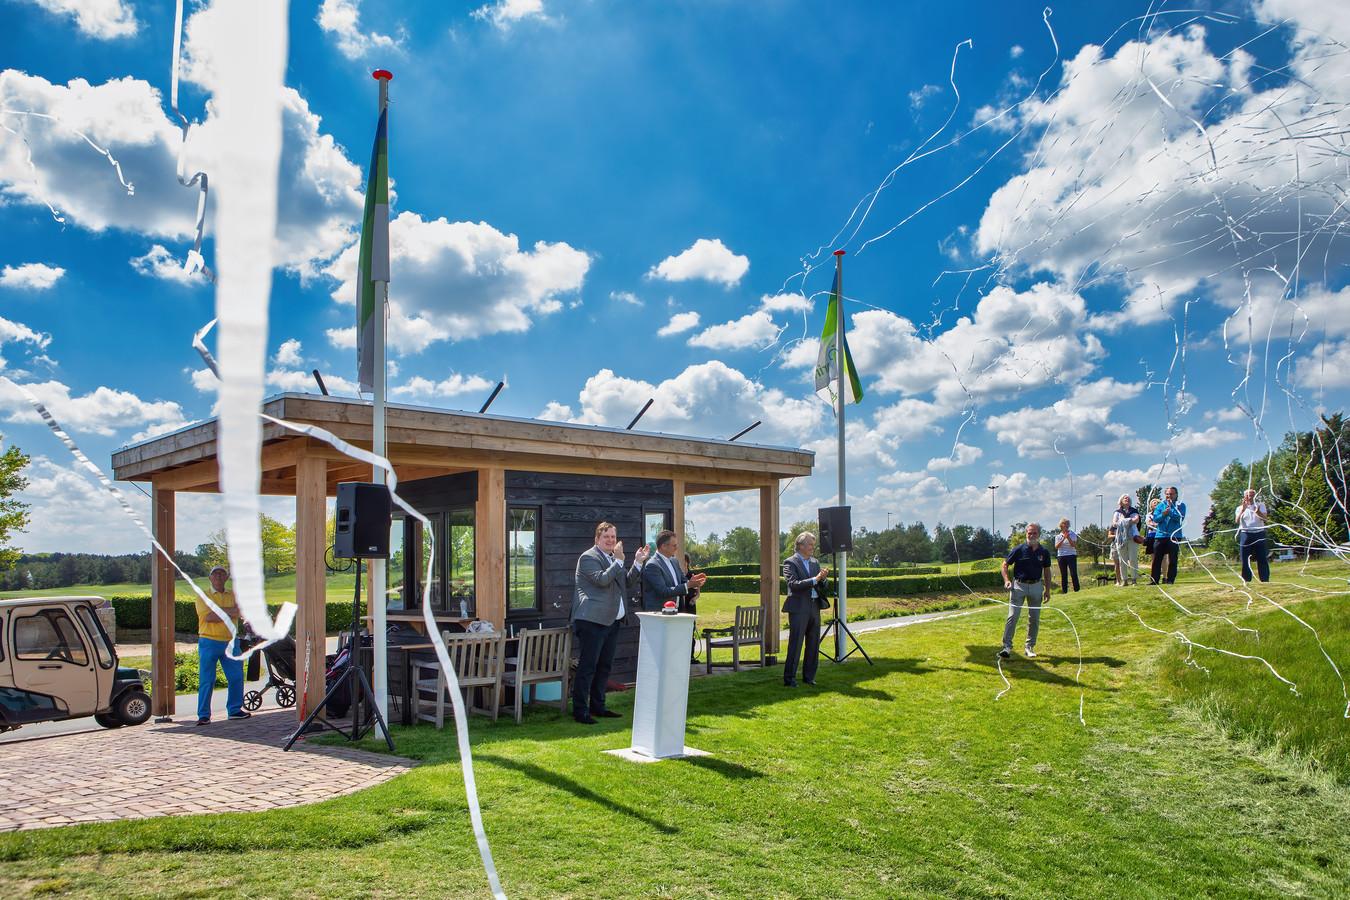 Bij golfclub Princenbosch in Molenschot is de nieuwe 9 holes par 3 baan officieel geopend door wethouder David Vermorken, die zojuist op de knop op de paal waar hij links naast staat heeft gedrukt bij wijze van openingshandeling. Confetti vliegt in het rond en met het nodige tromgeroffel is het officieel.